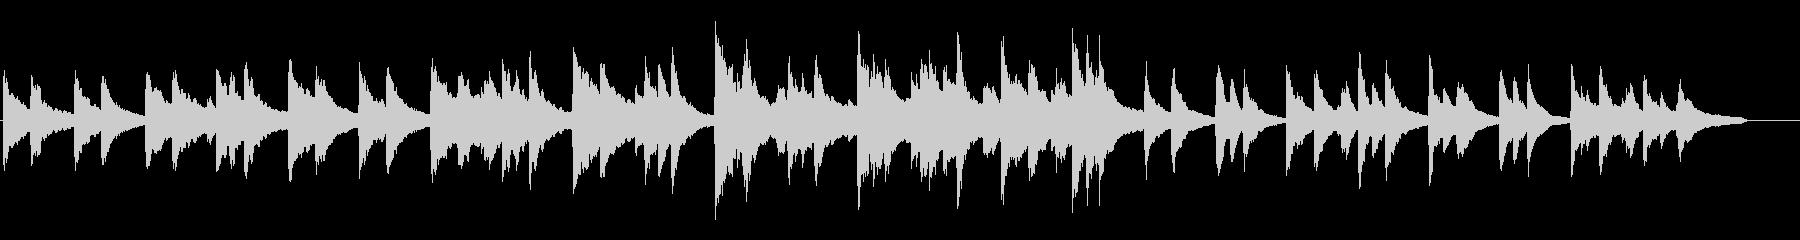 感動的なポップピアノの未再生の波形